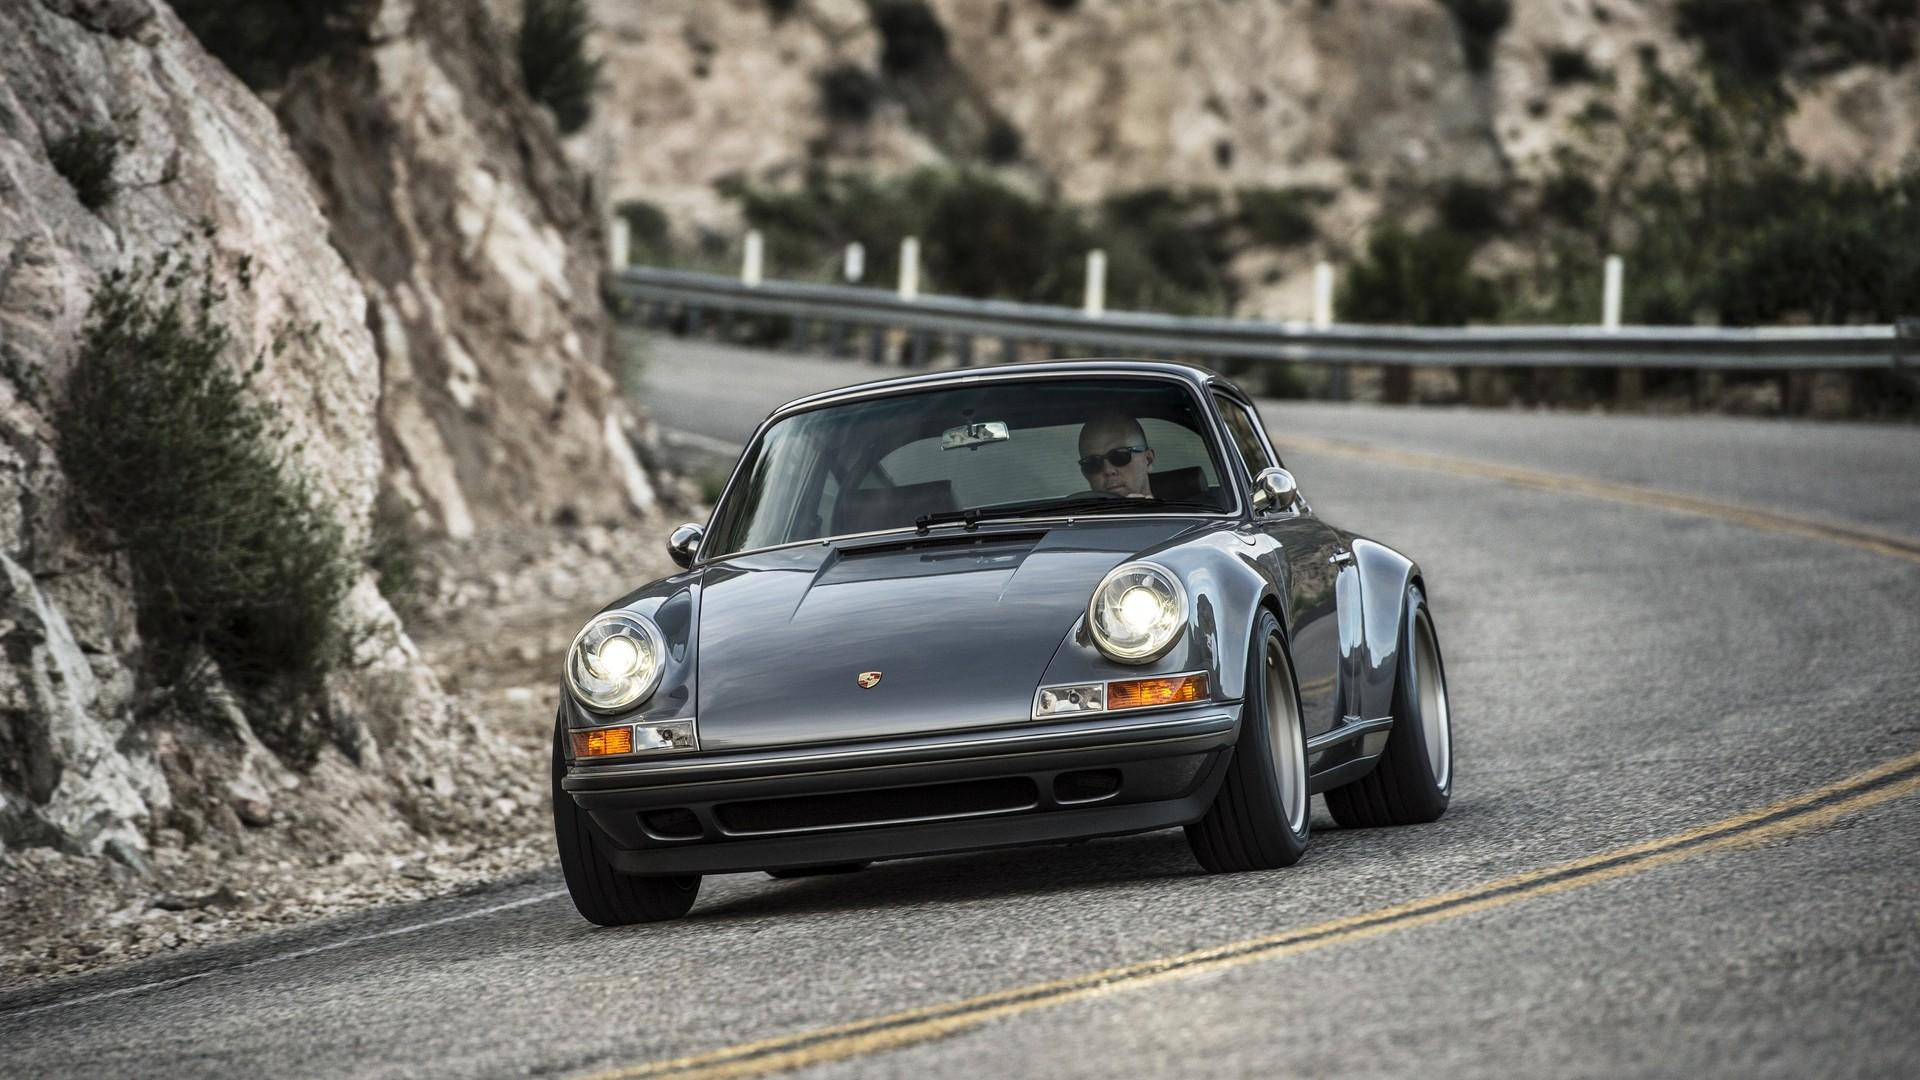 2011 Singer 911 ( based on Porsche 911 993 )